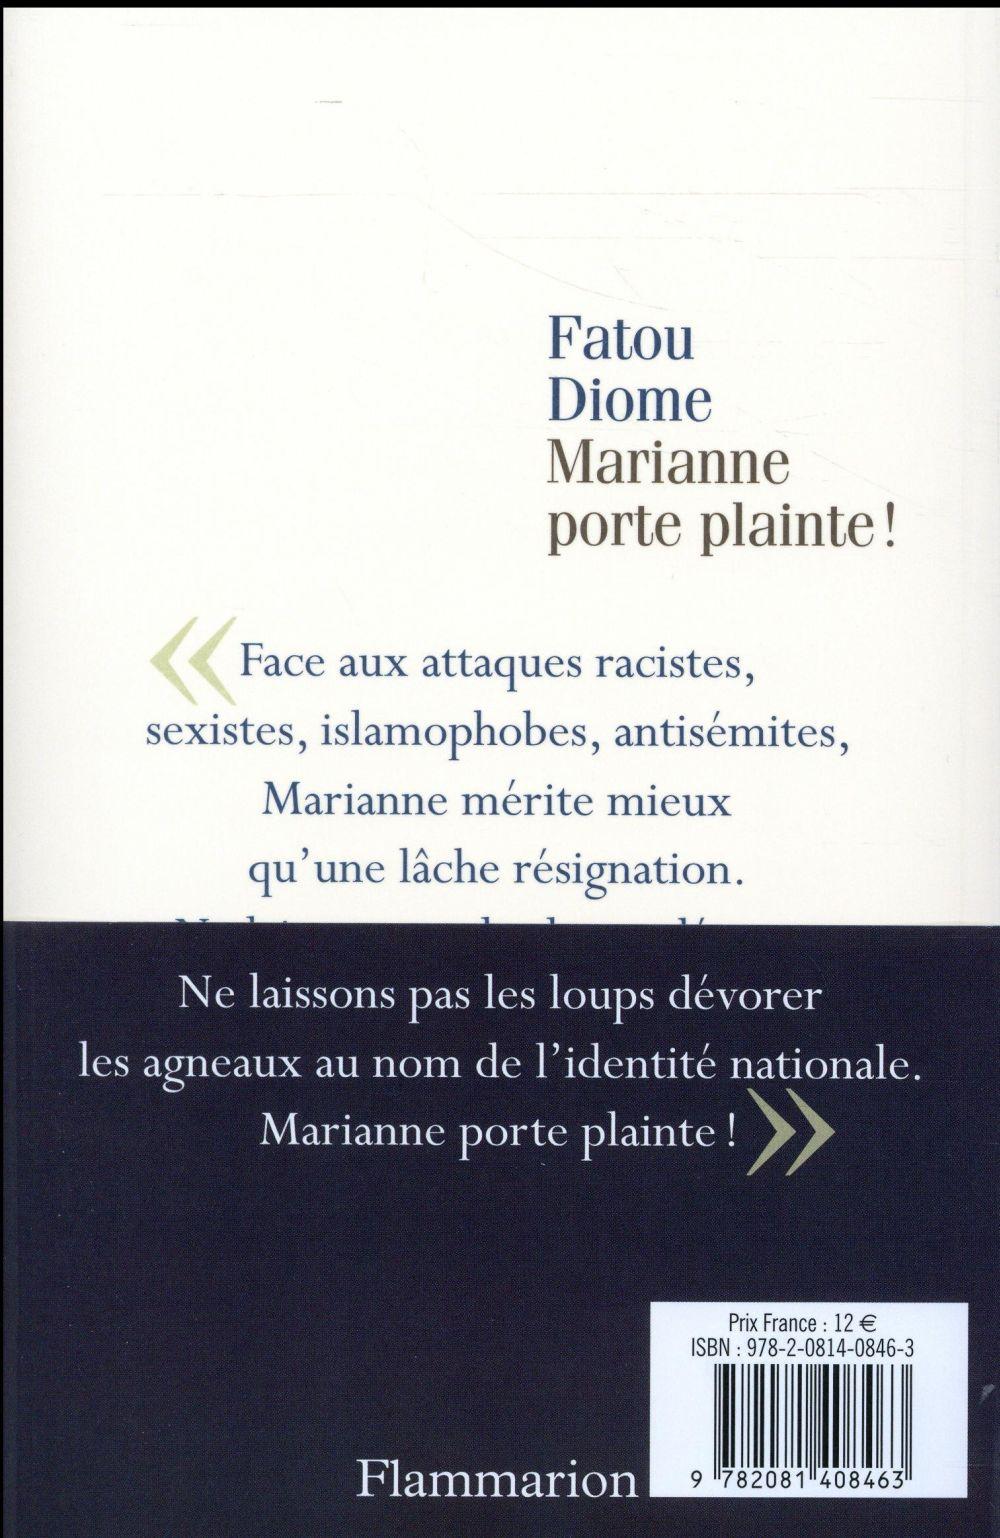 Marianne porte plainte!